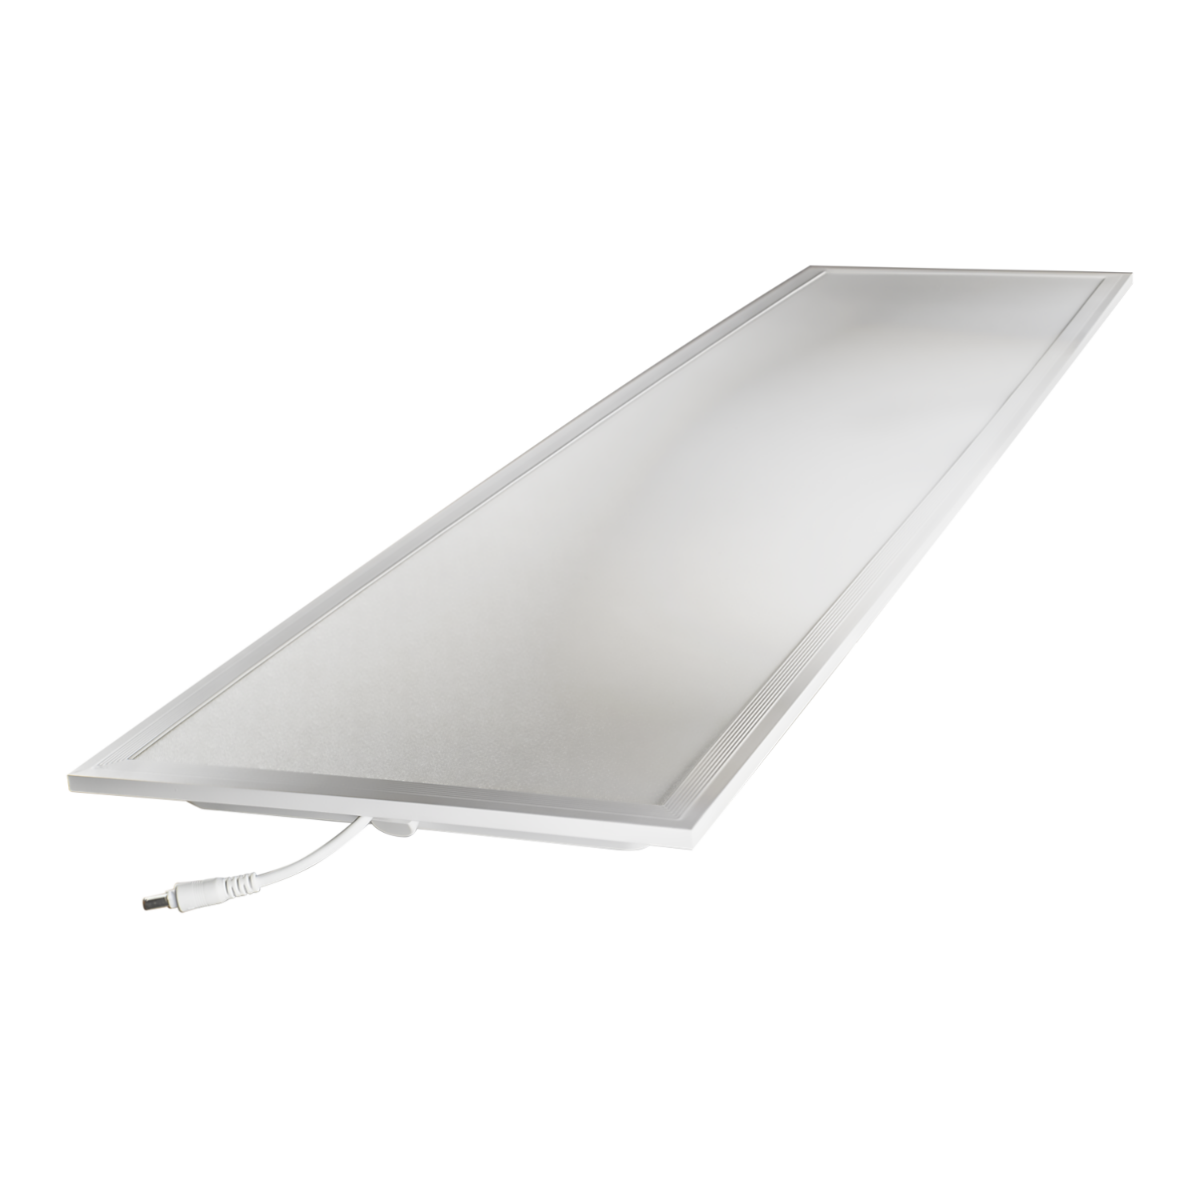 Noxion LED panel Delta Pro Highlum V2.0 40W 30x120cm 4000K 5480lm UGR <19 | kald hvit - erstatter 2x36W